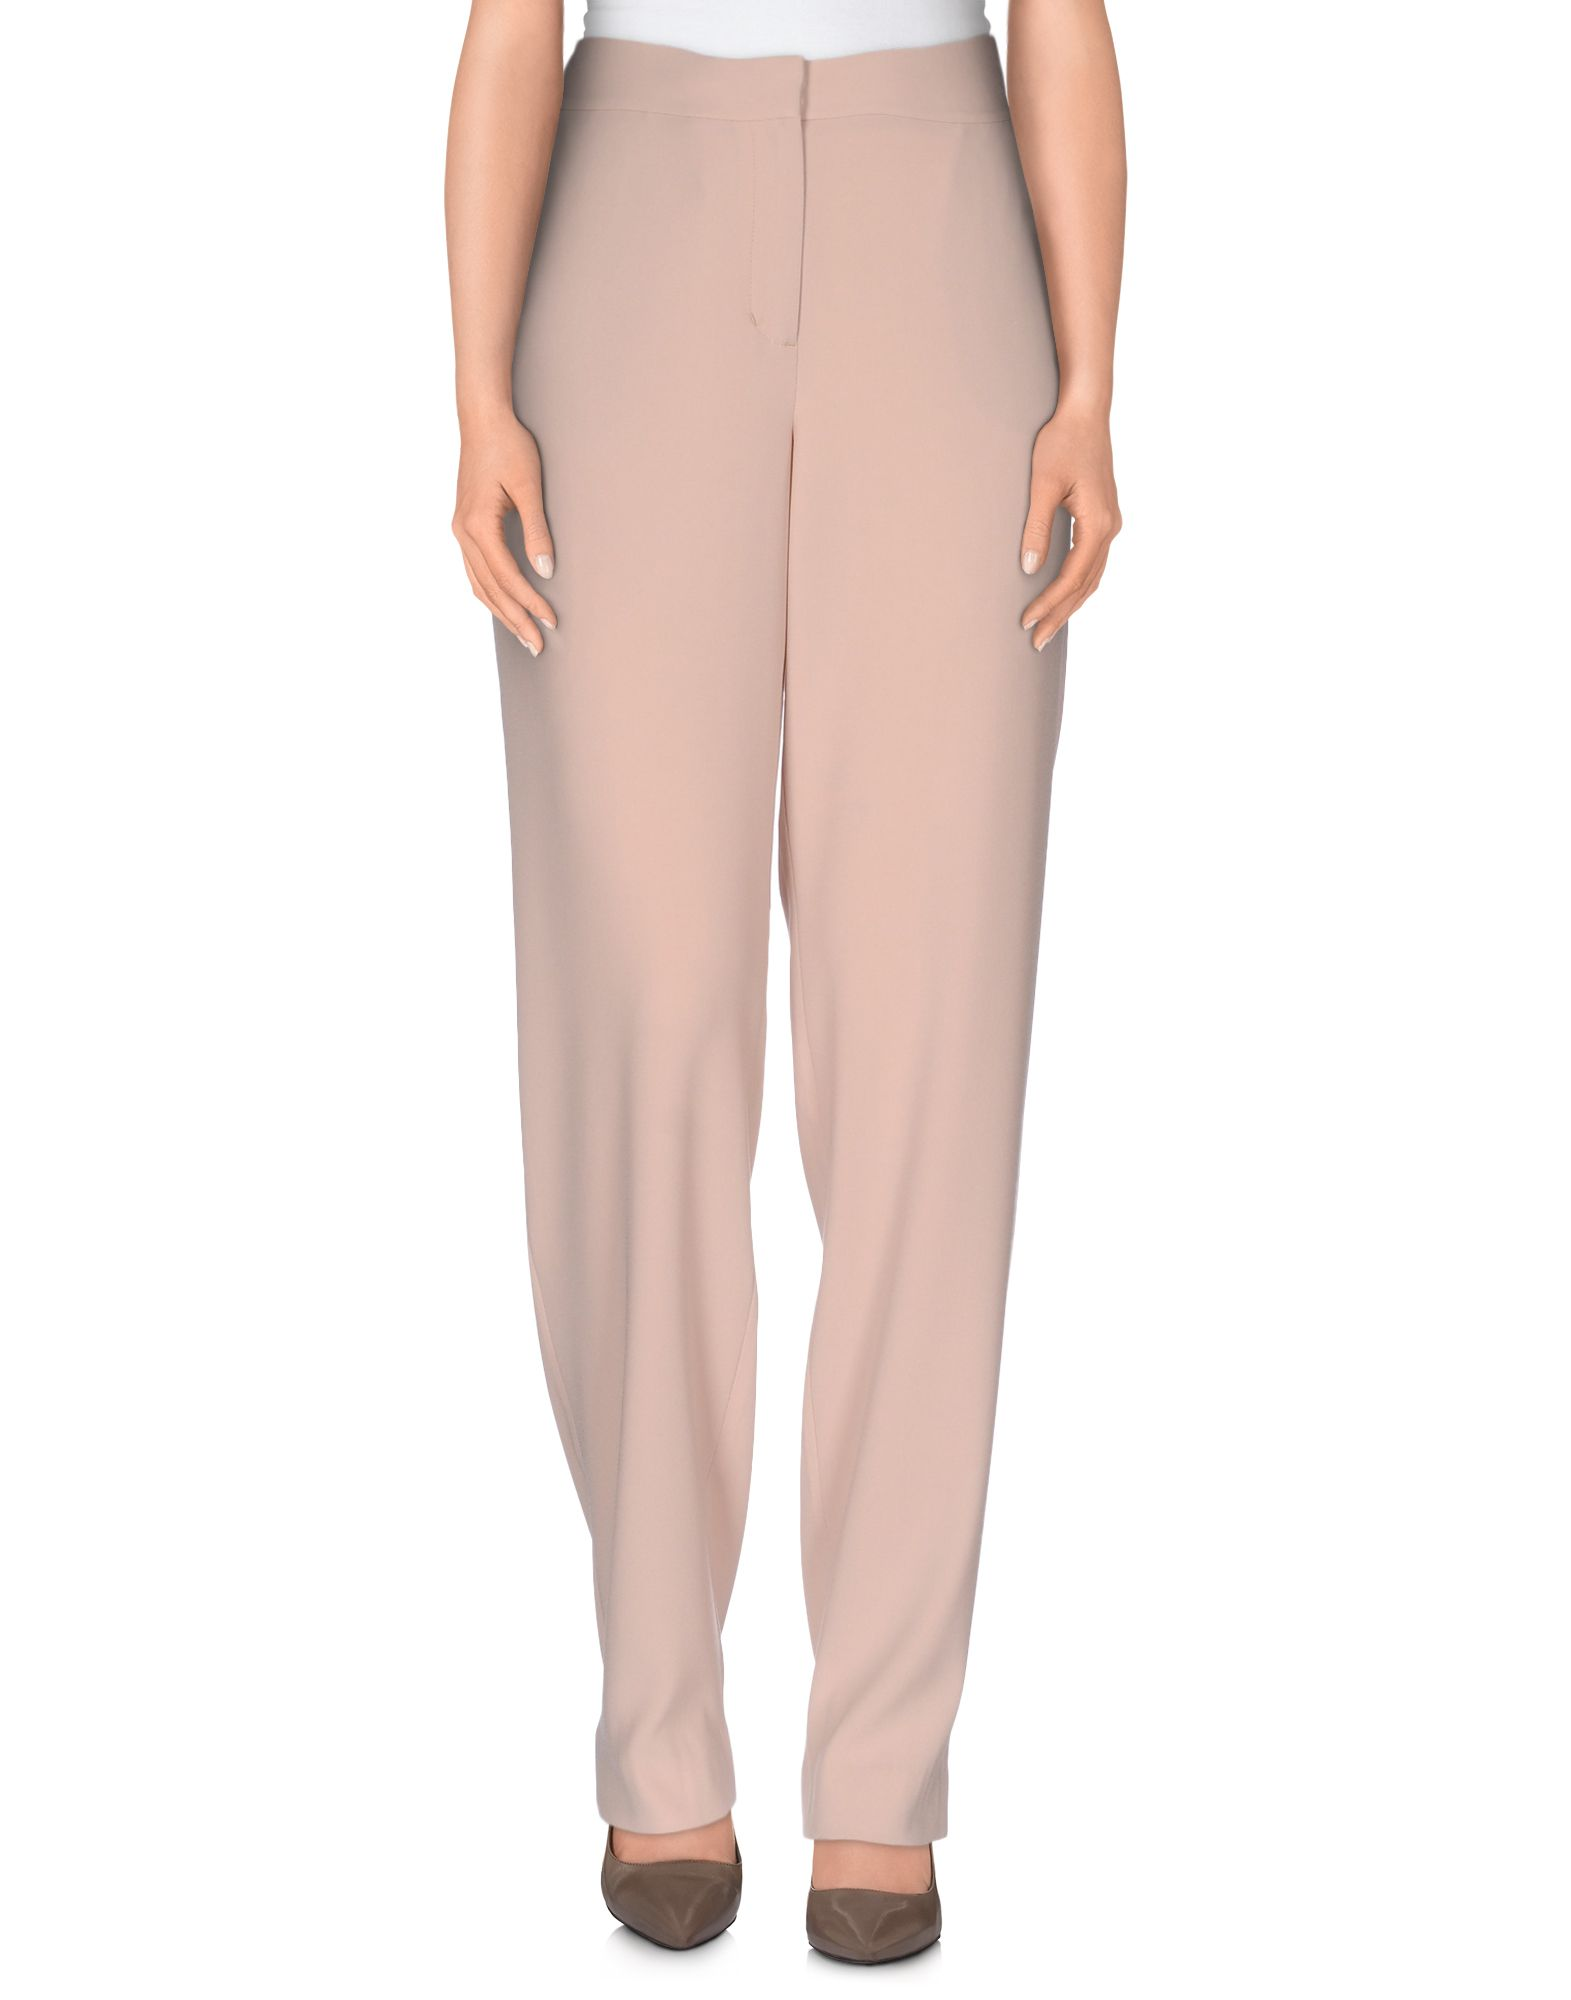 DKNY Повседневные брюки мужские повседневные брюки белья шелк смесь брюки плюс размер штаны брюки ореховый c159